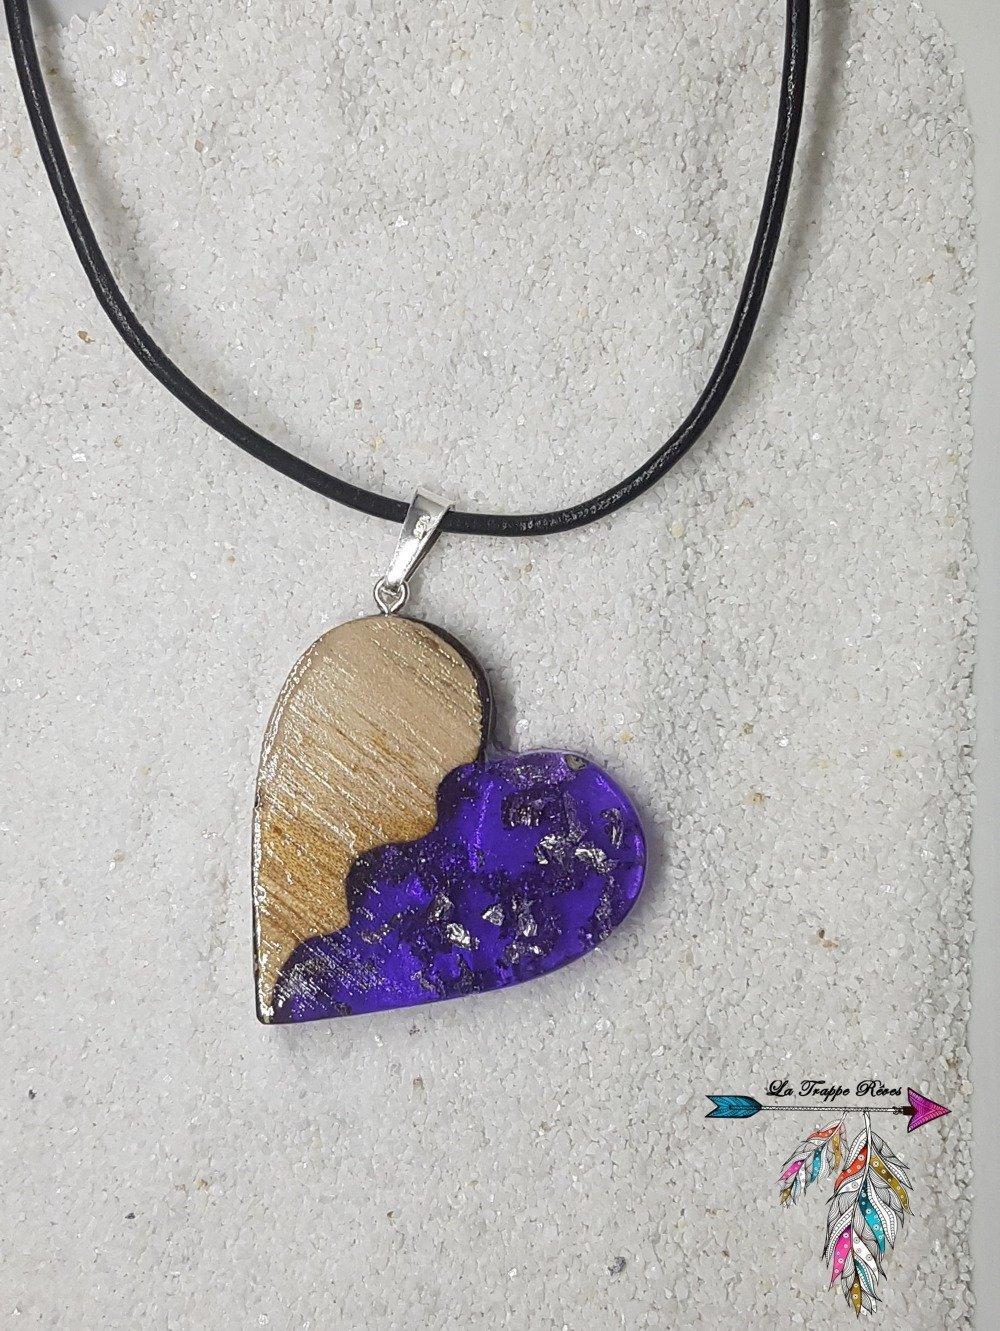 Collier en bois et résine violet et copeaux d'argent